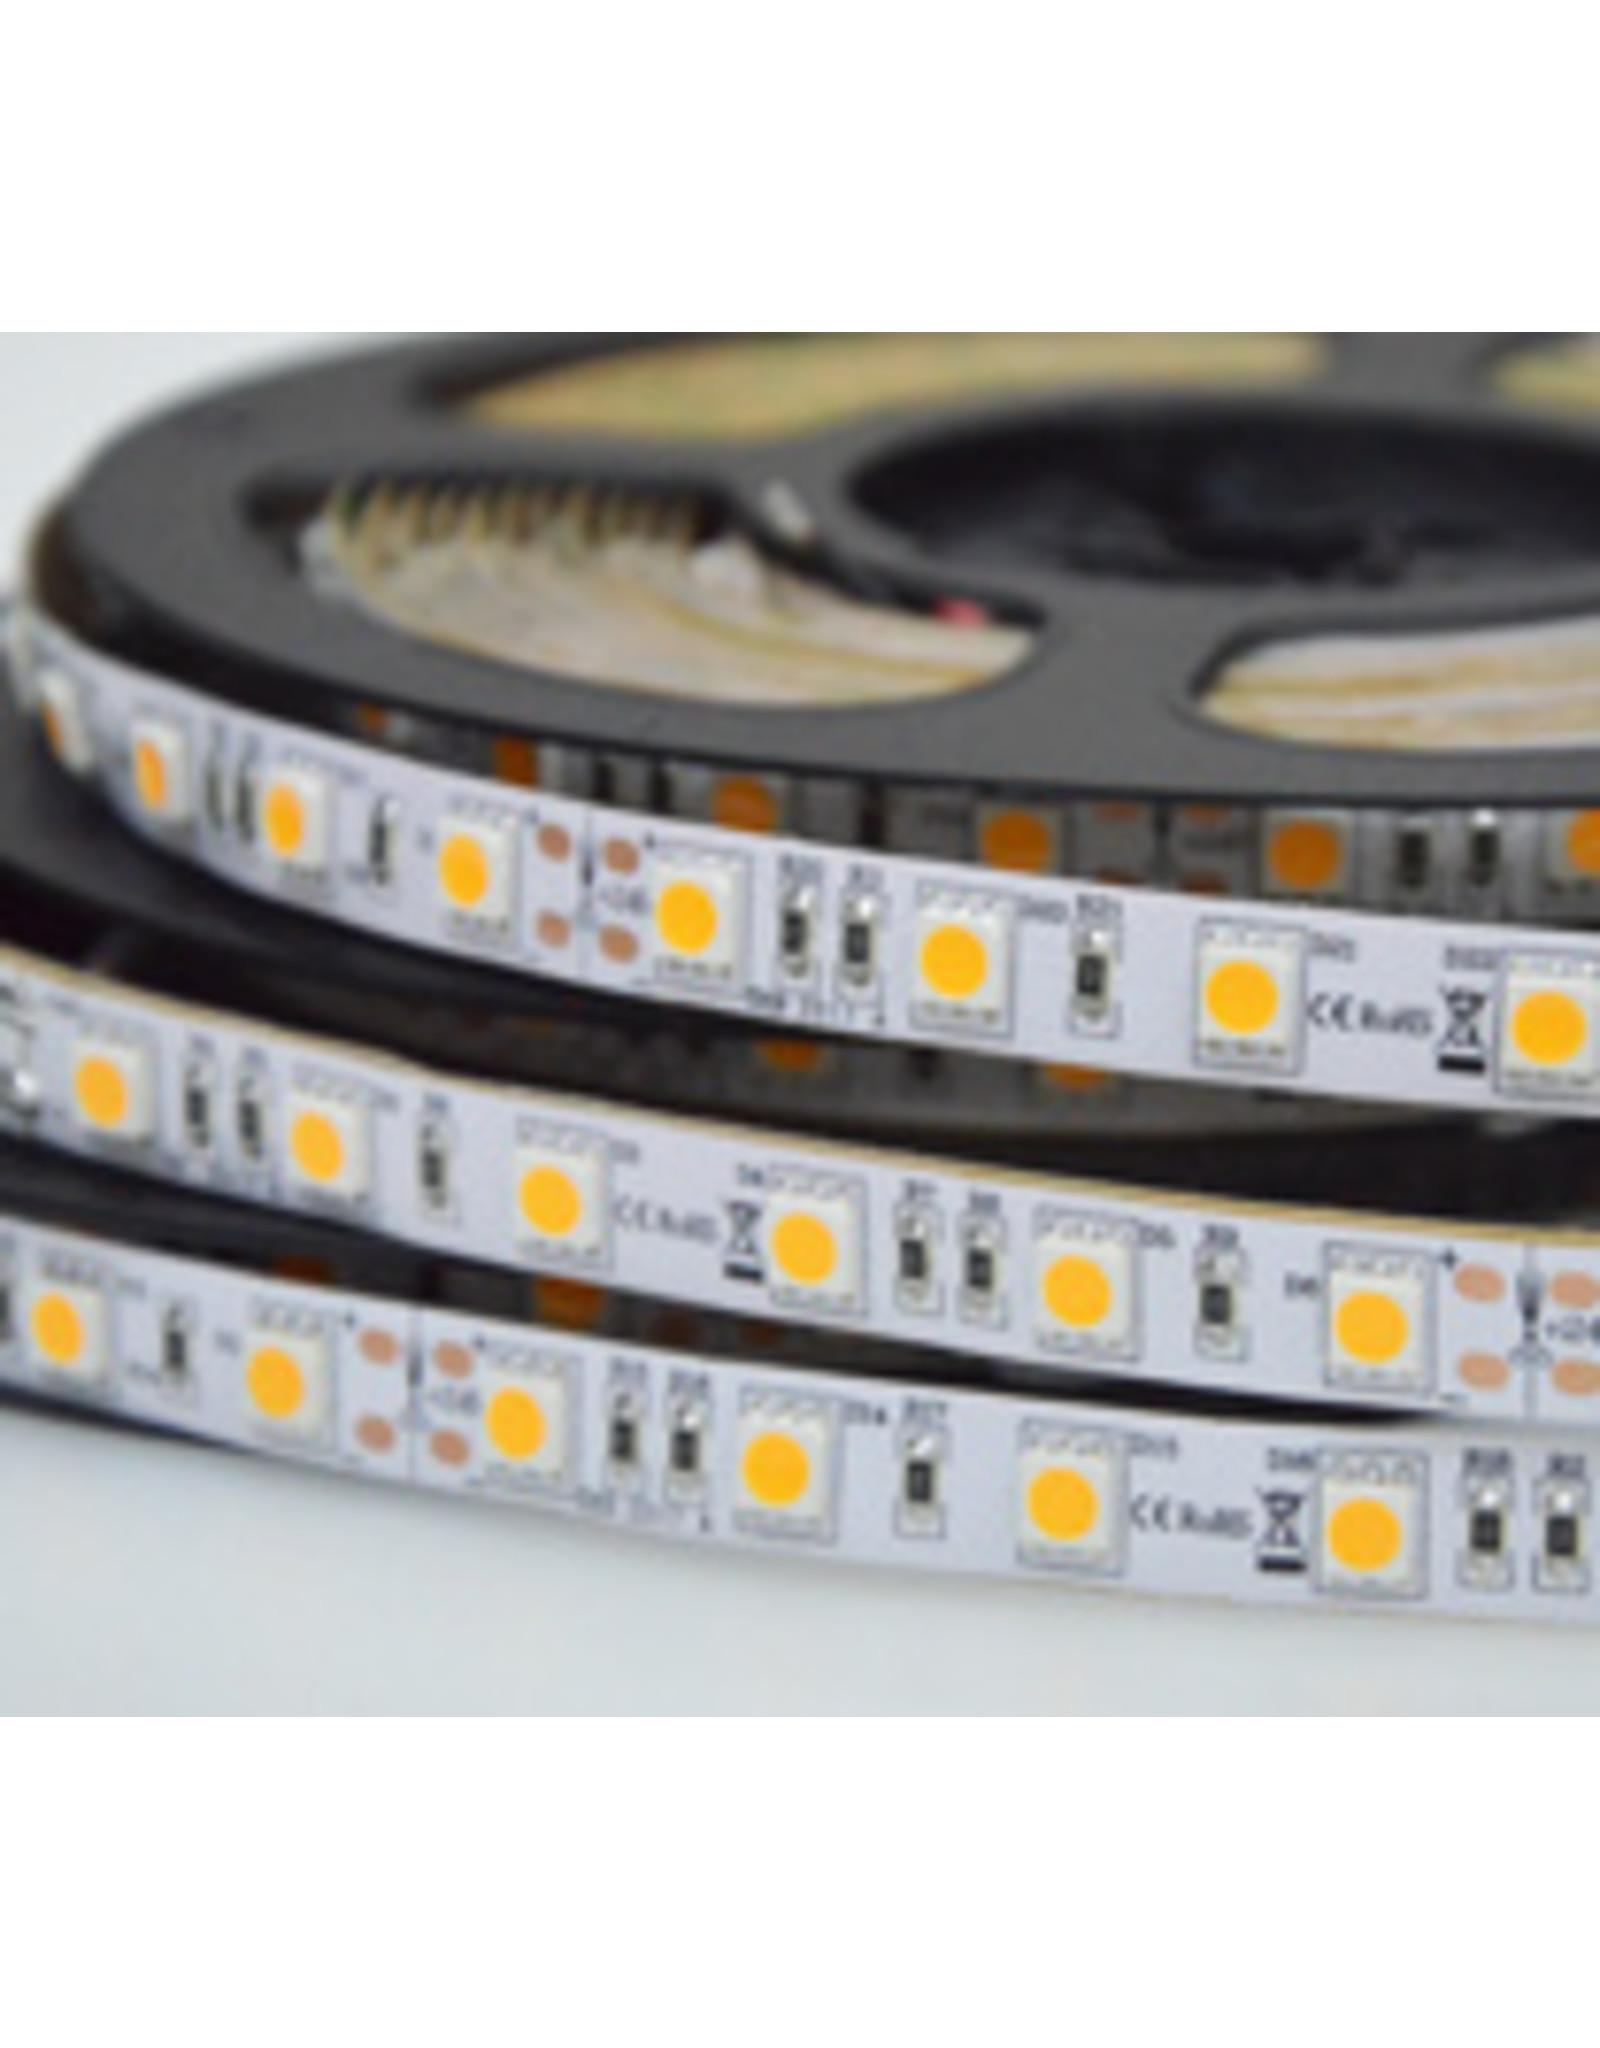 Lights Ledstrip 24v, 70w/5m, neutral white 4000-4500k